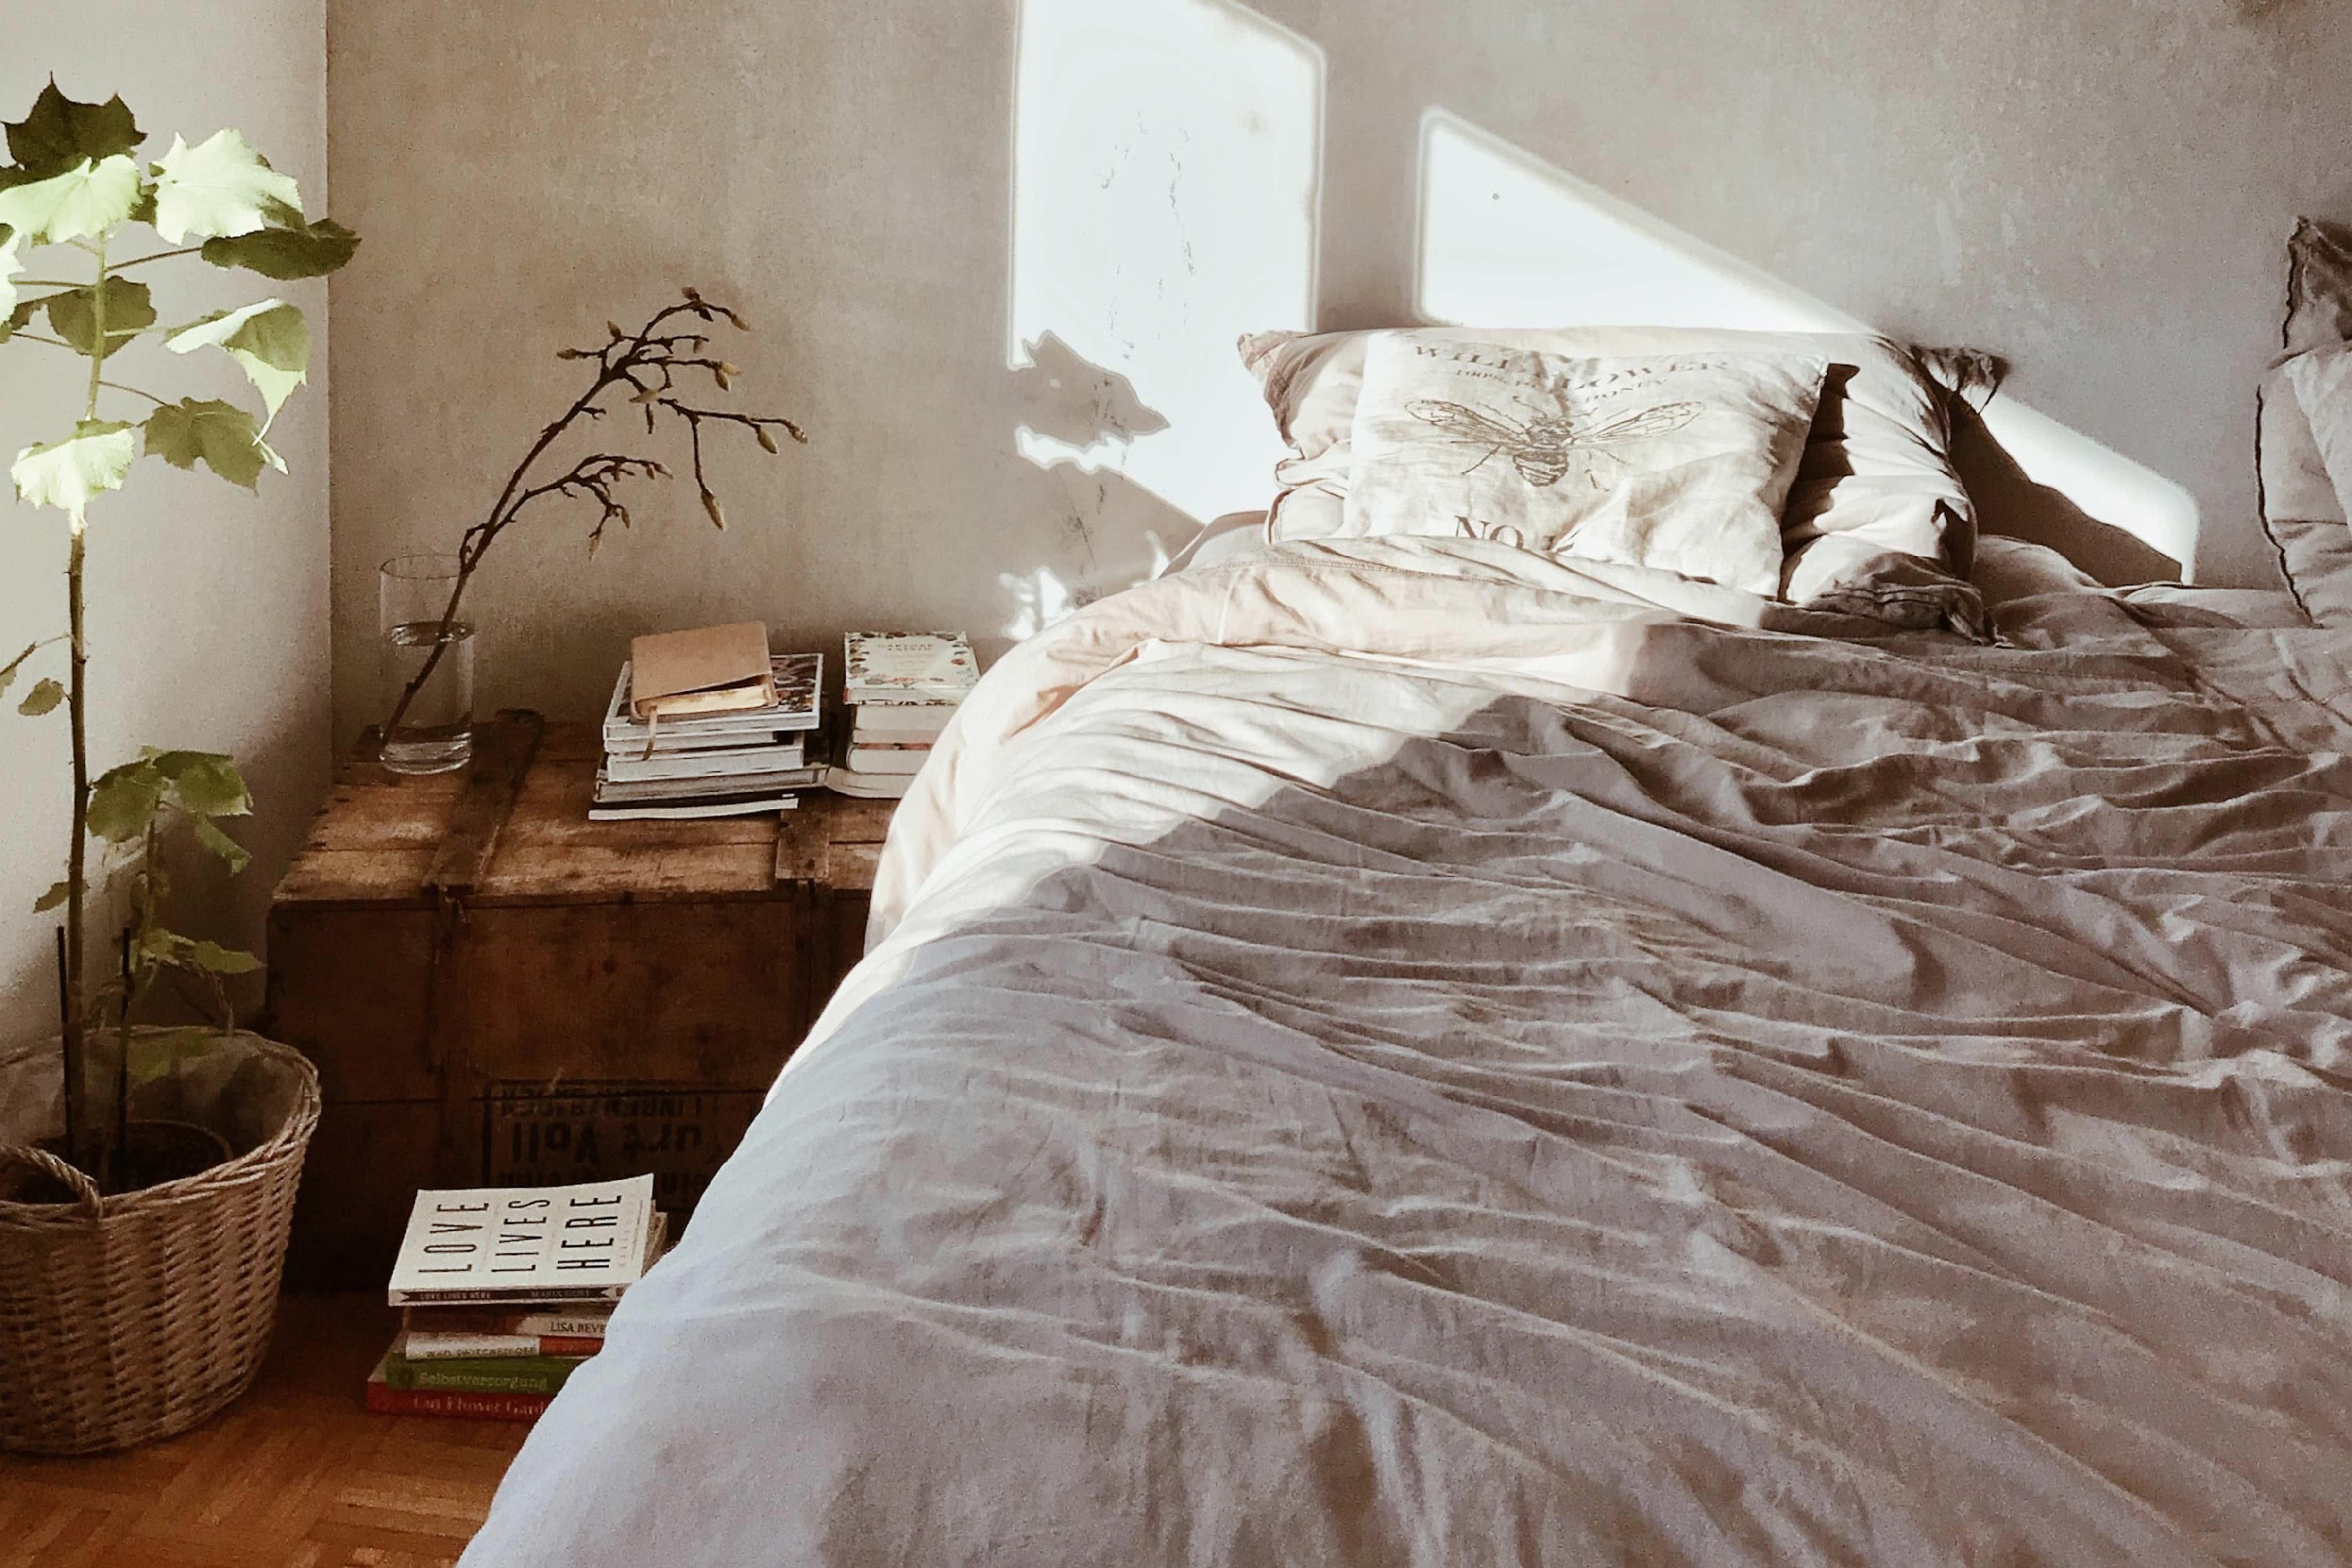 À procura de uma nova cama de casal? No OLX encontras os melhores modelos